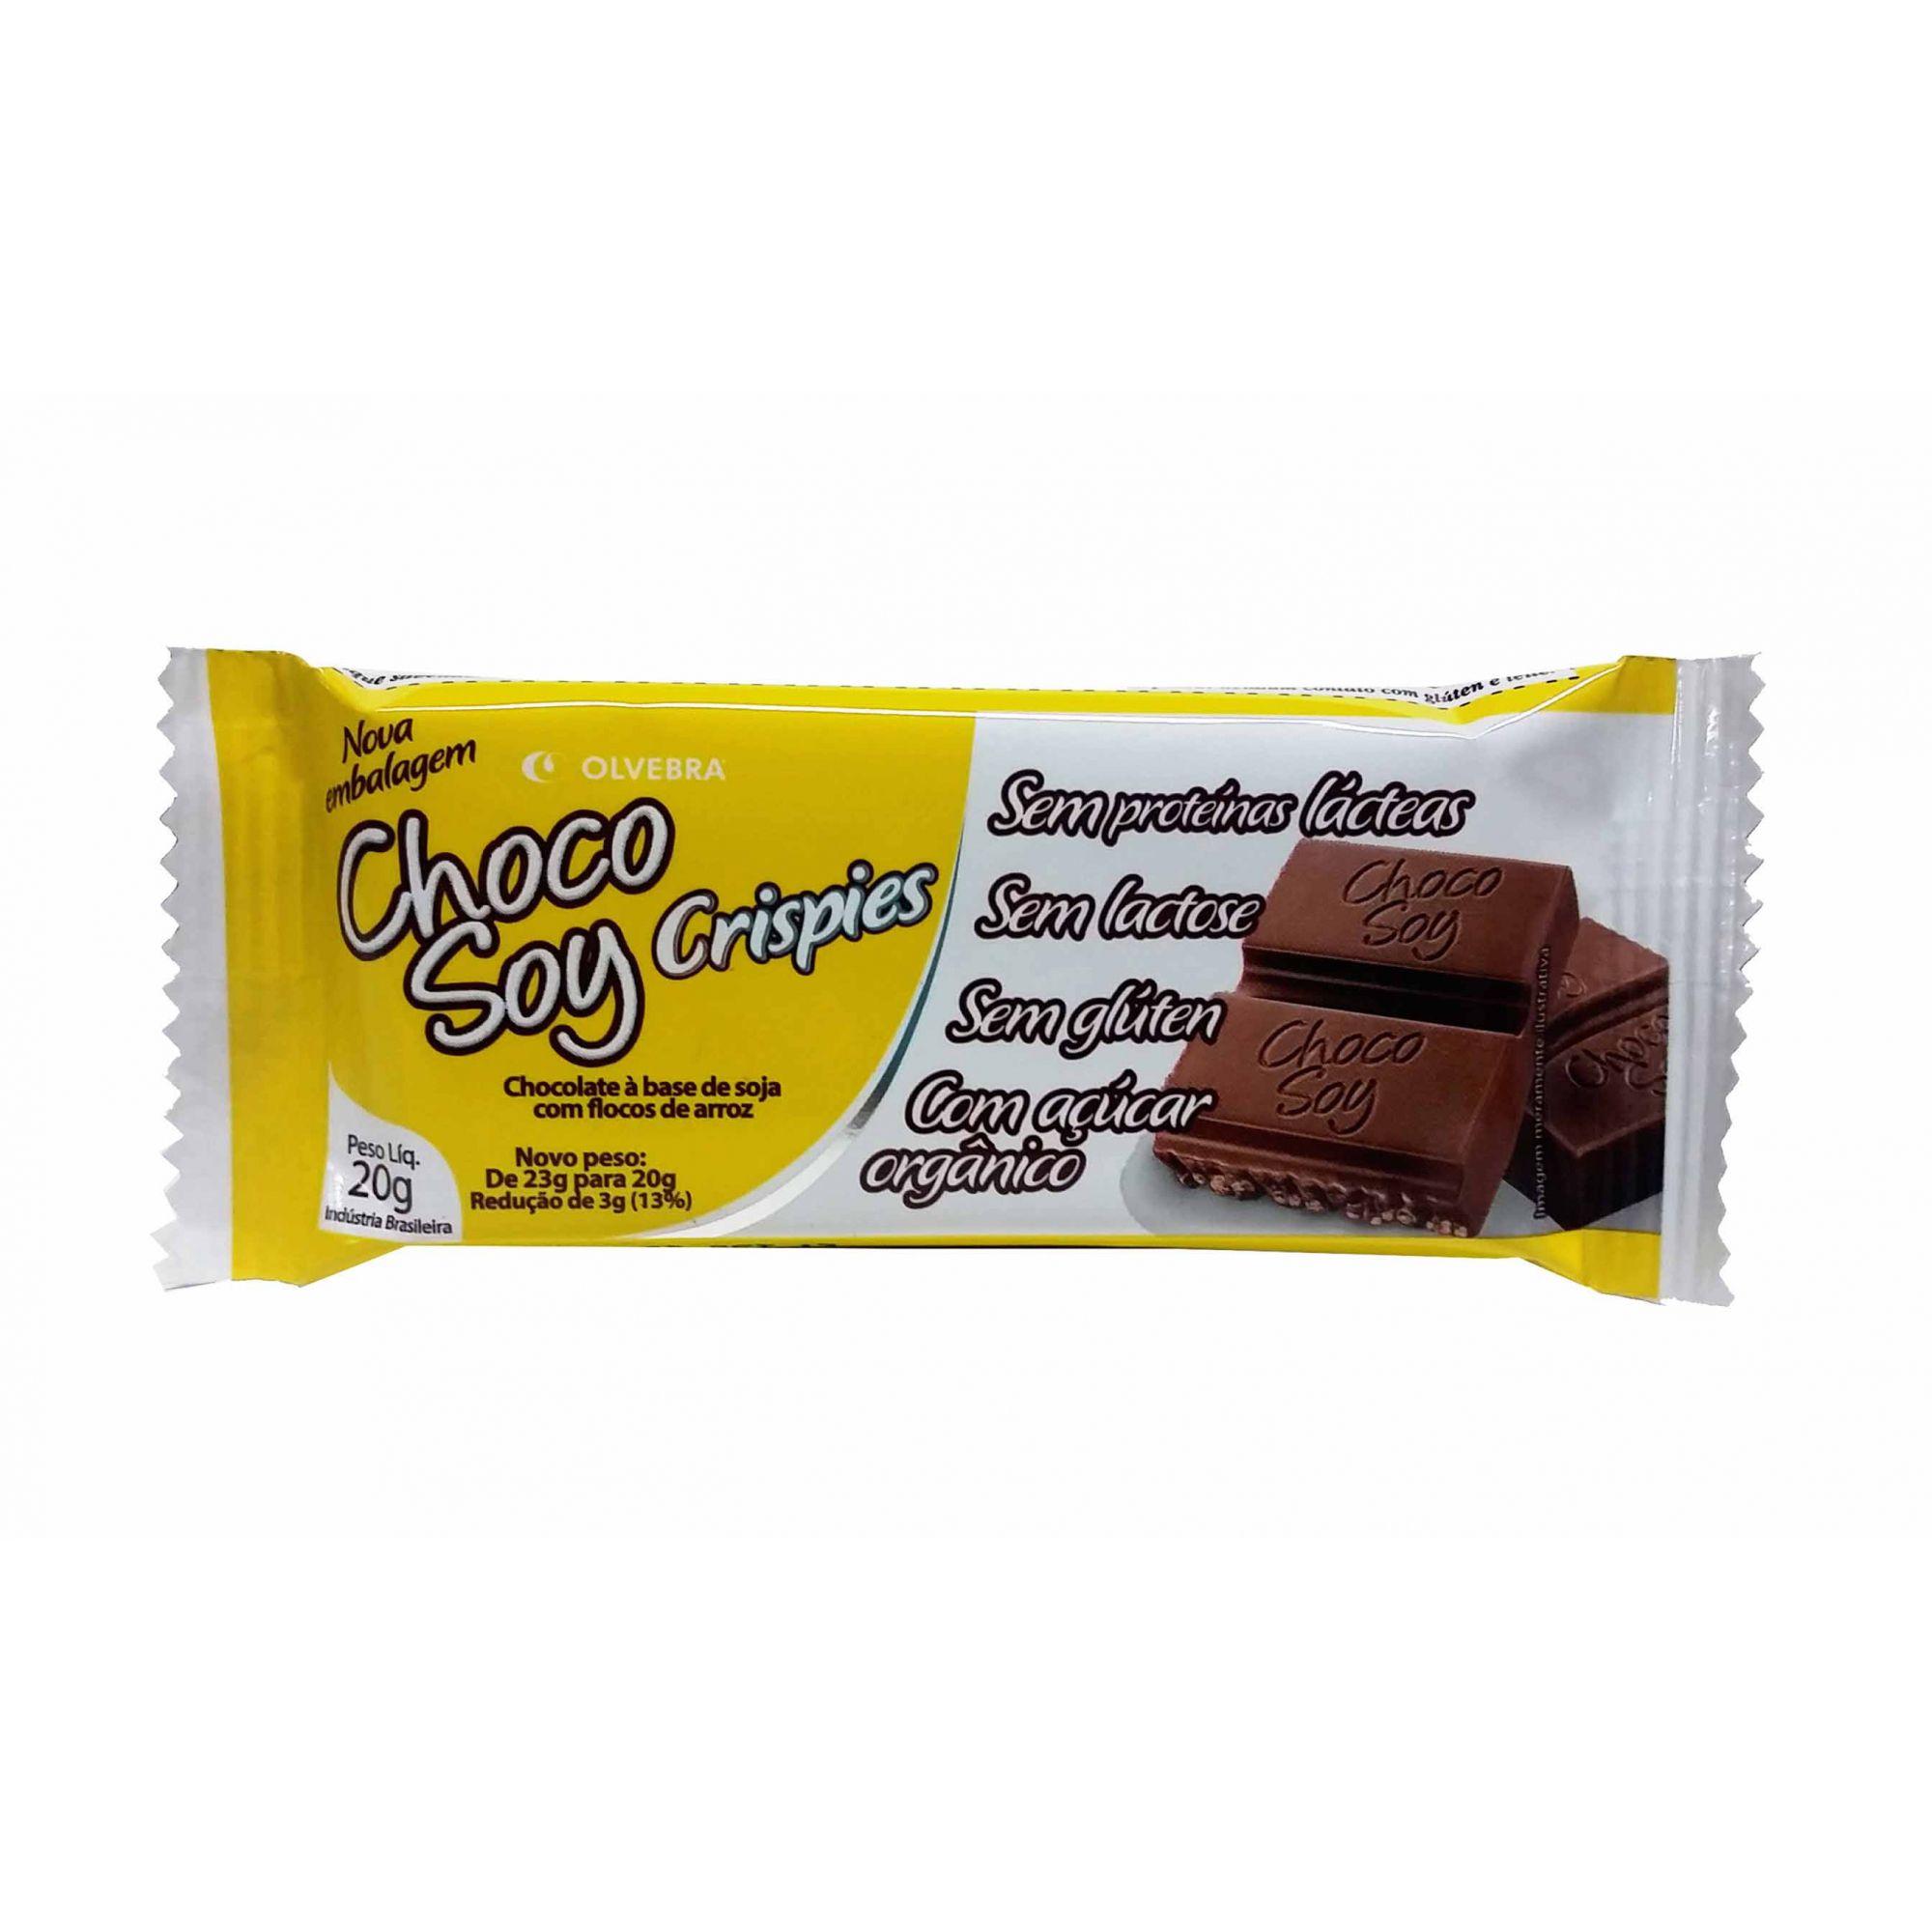 Choco Soy Crispies Barra 20g